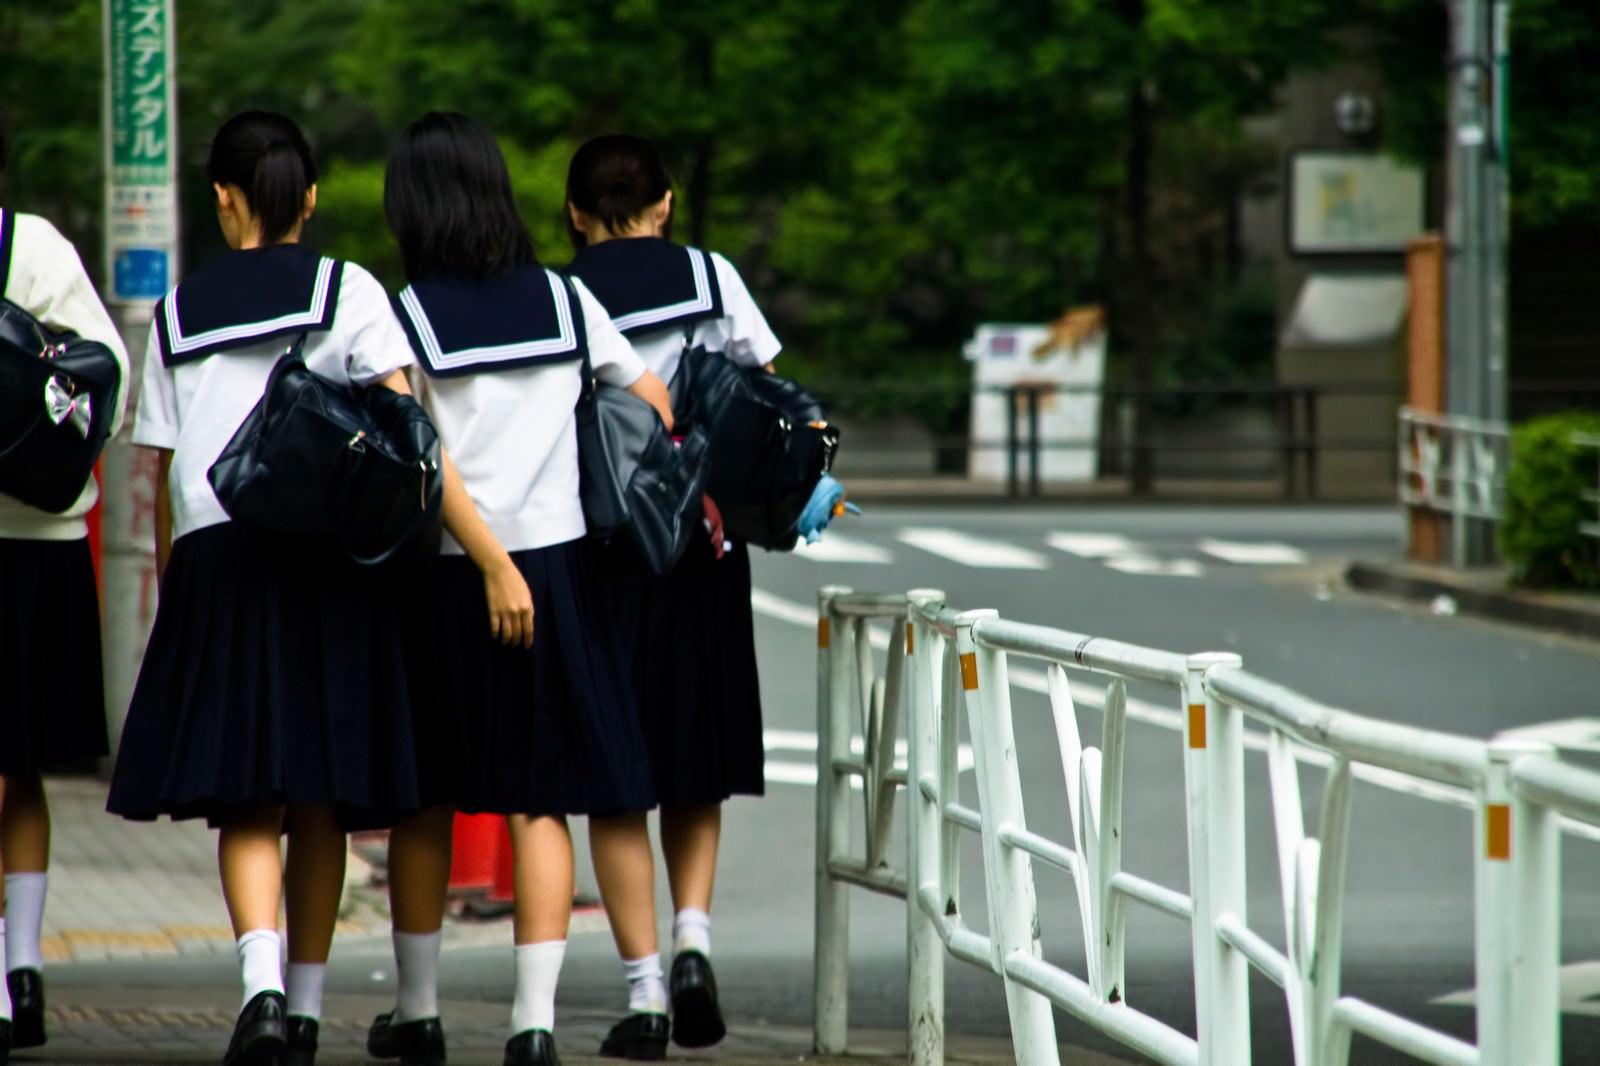 「下校中の女子中学生下校中の女子中学生」のフリー写真素材を拡大